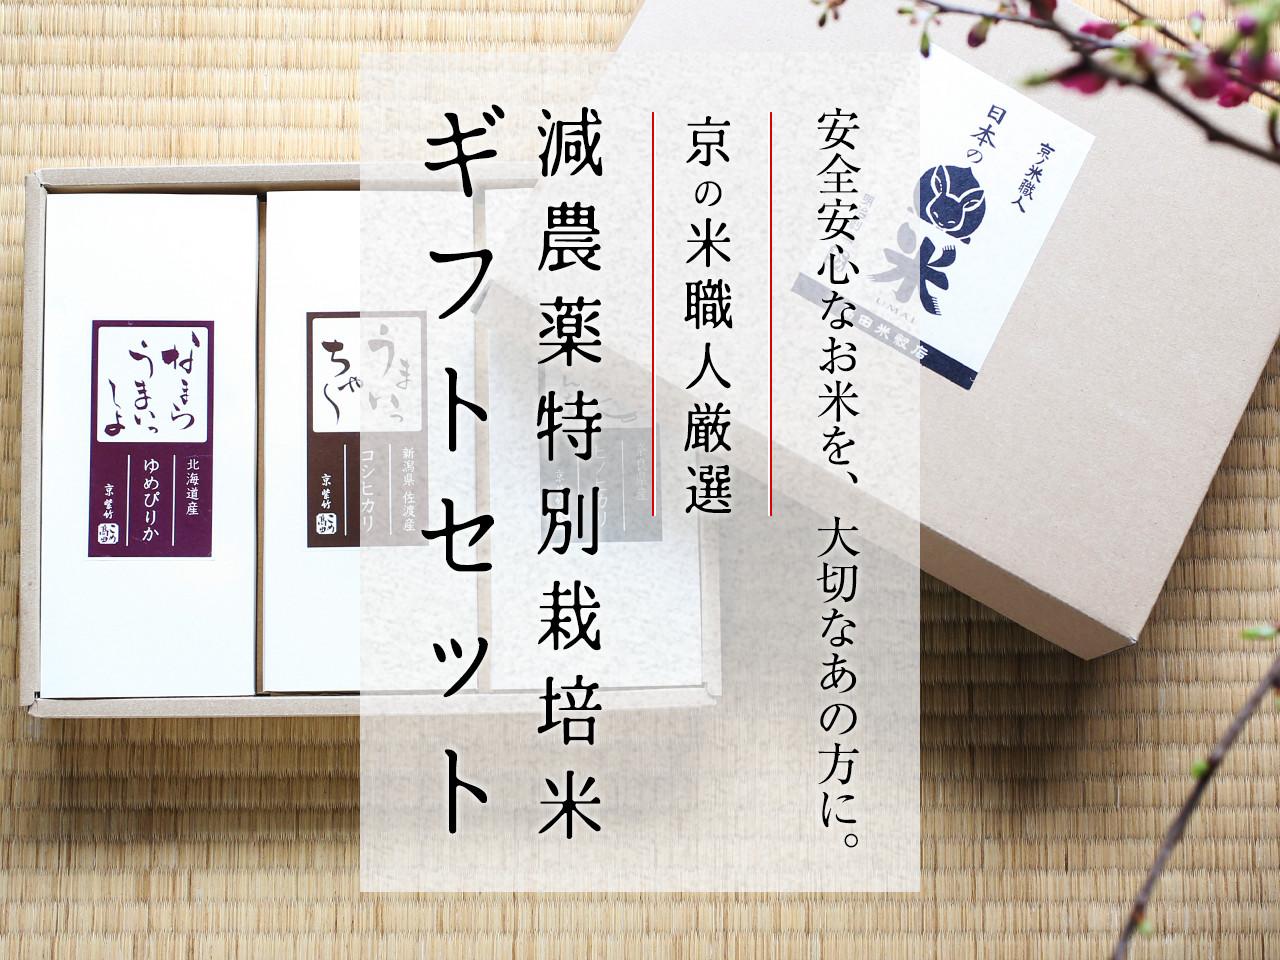 京の米職人厳選 減農薬特別栽培米ギフトセット